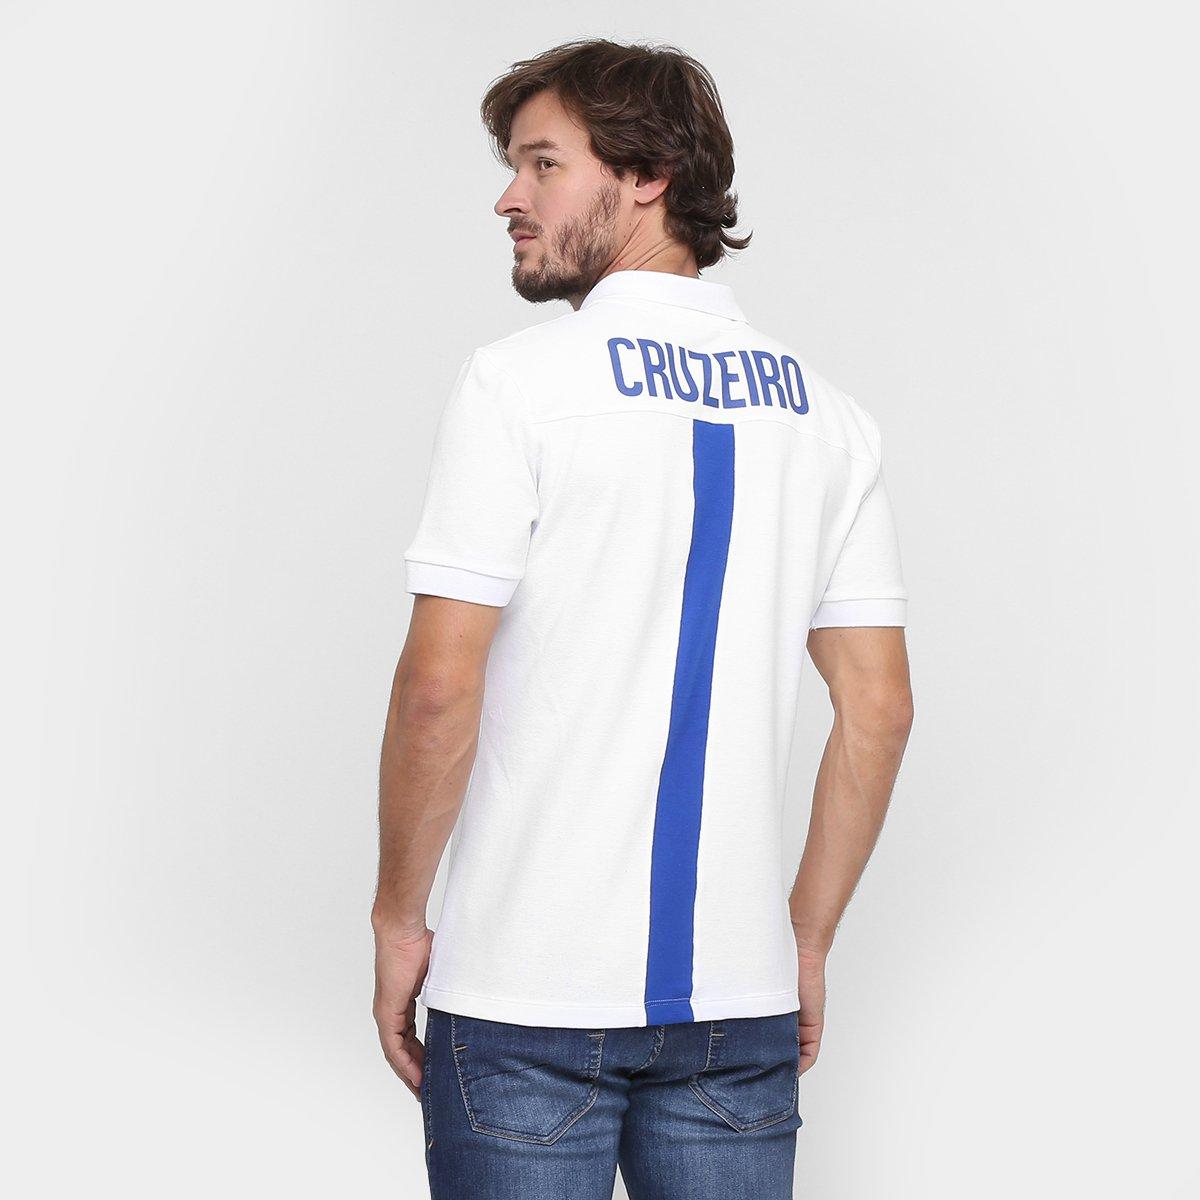 Camisa Polo Umbro Cruzeiro Viagem 2016 - Compre Agora  27028e3942032